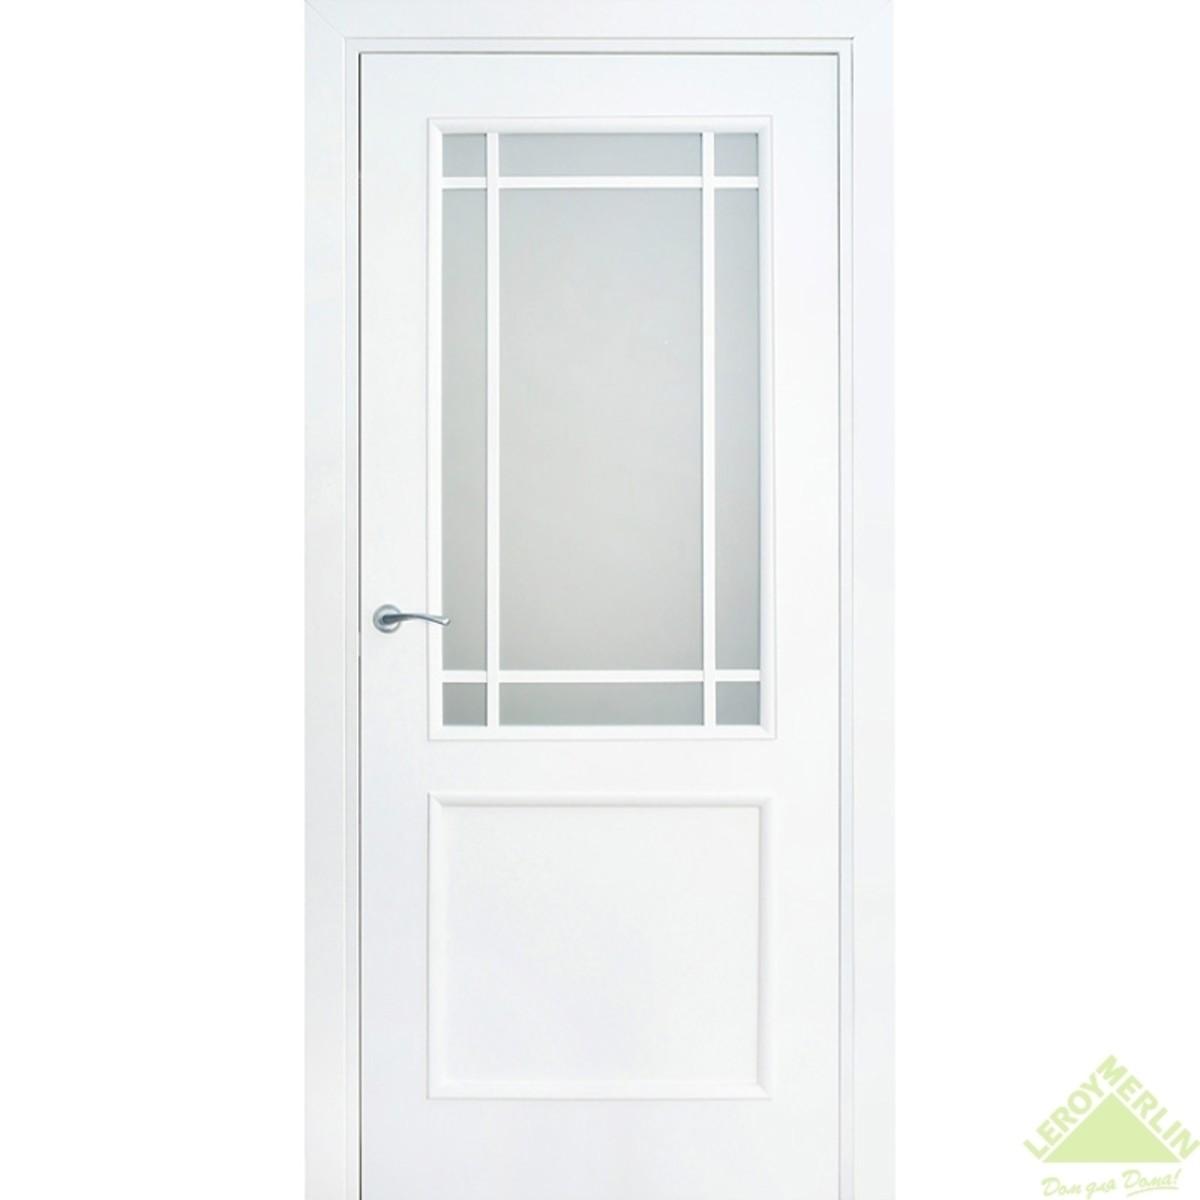 Дверь Межкомнатная Остеклённая Фортунато 819 700x2000 Белый